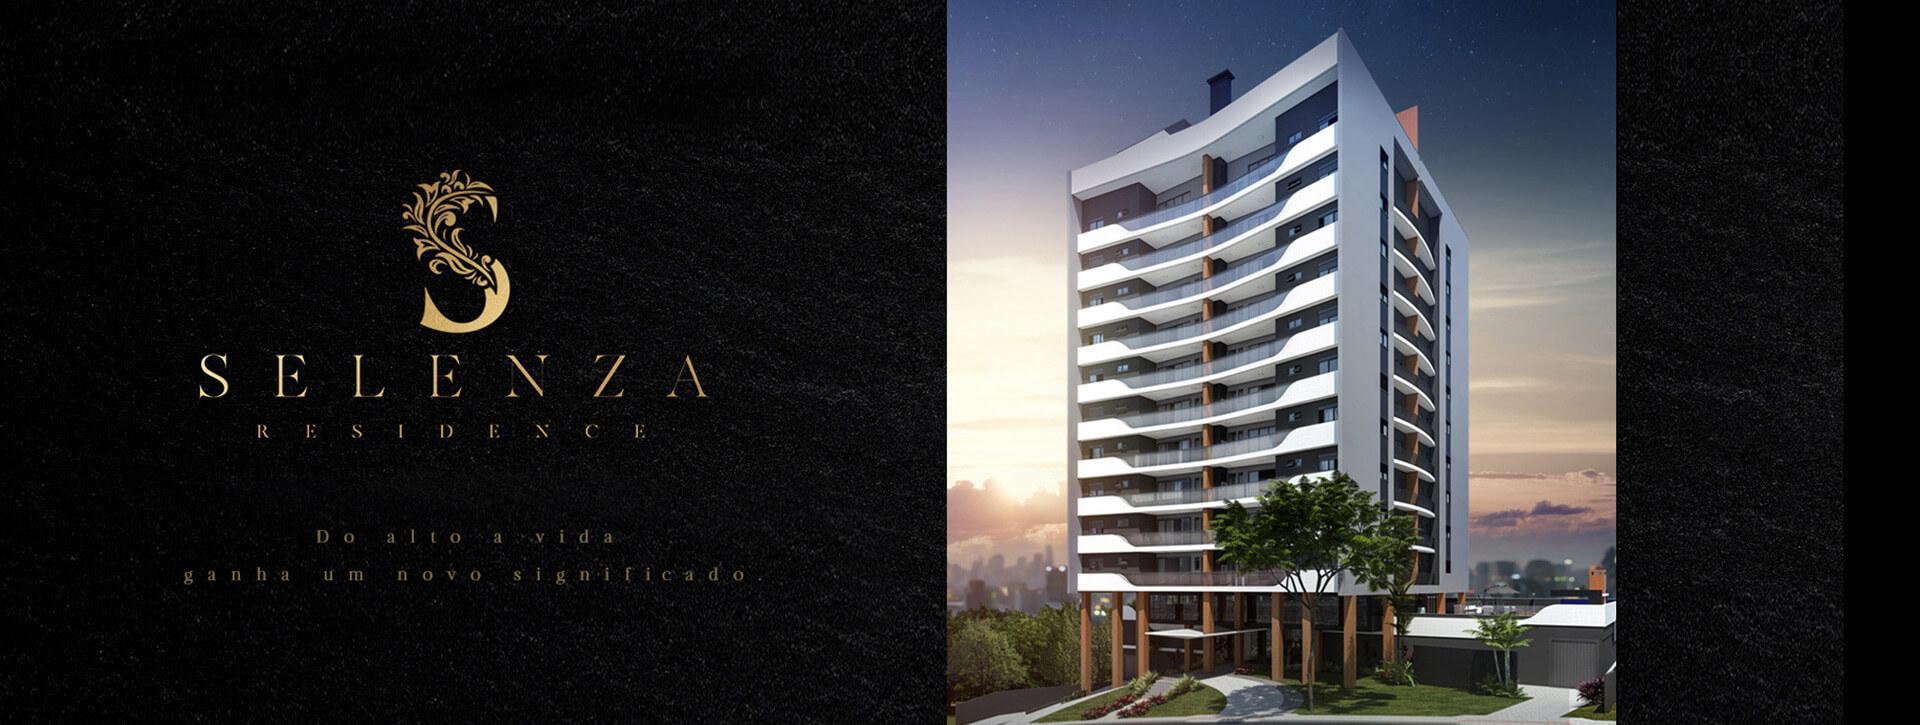 eraldo-construcoes-selenza-residence-1-banner (1)